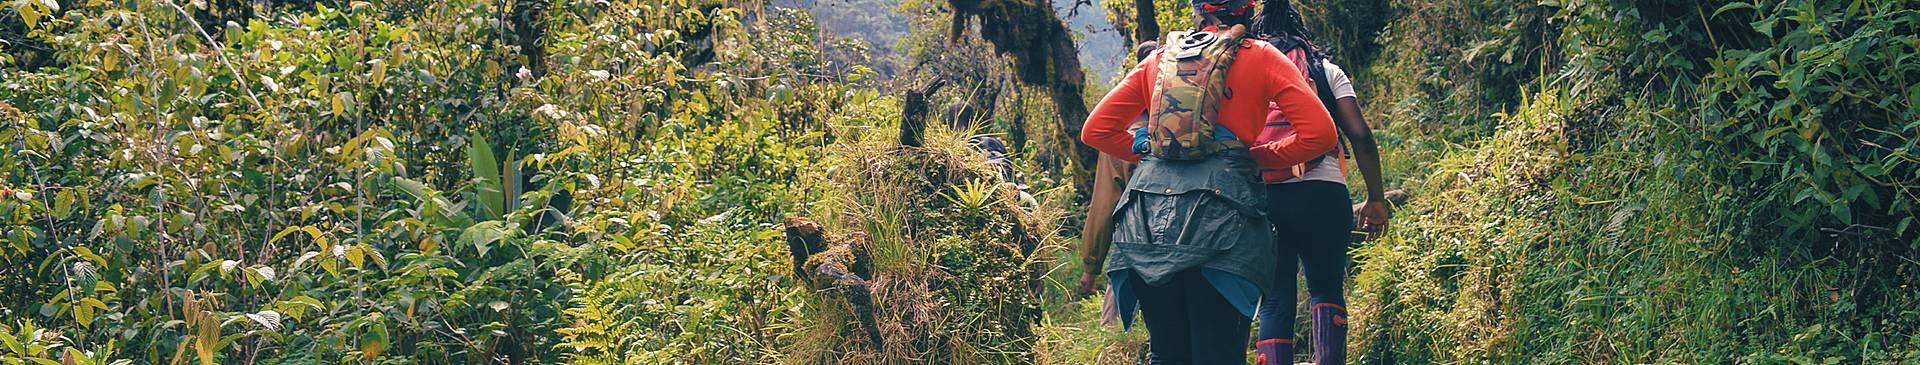 Trekking en Uganda